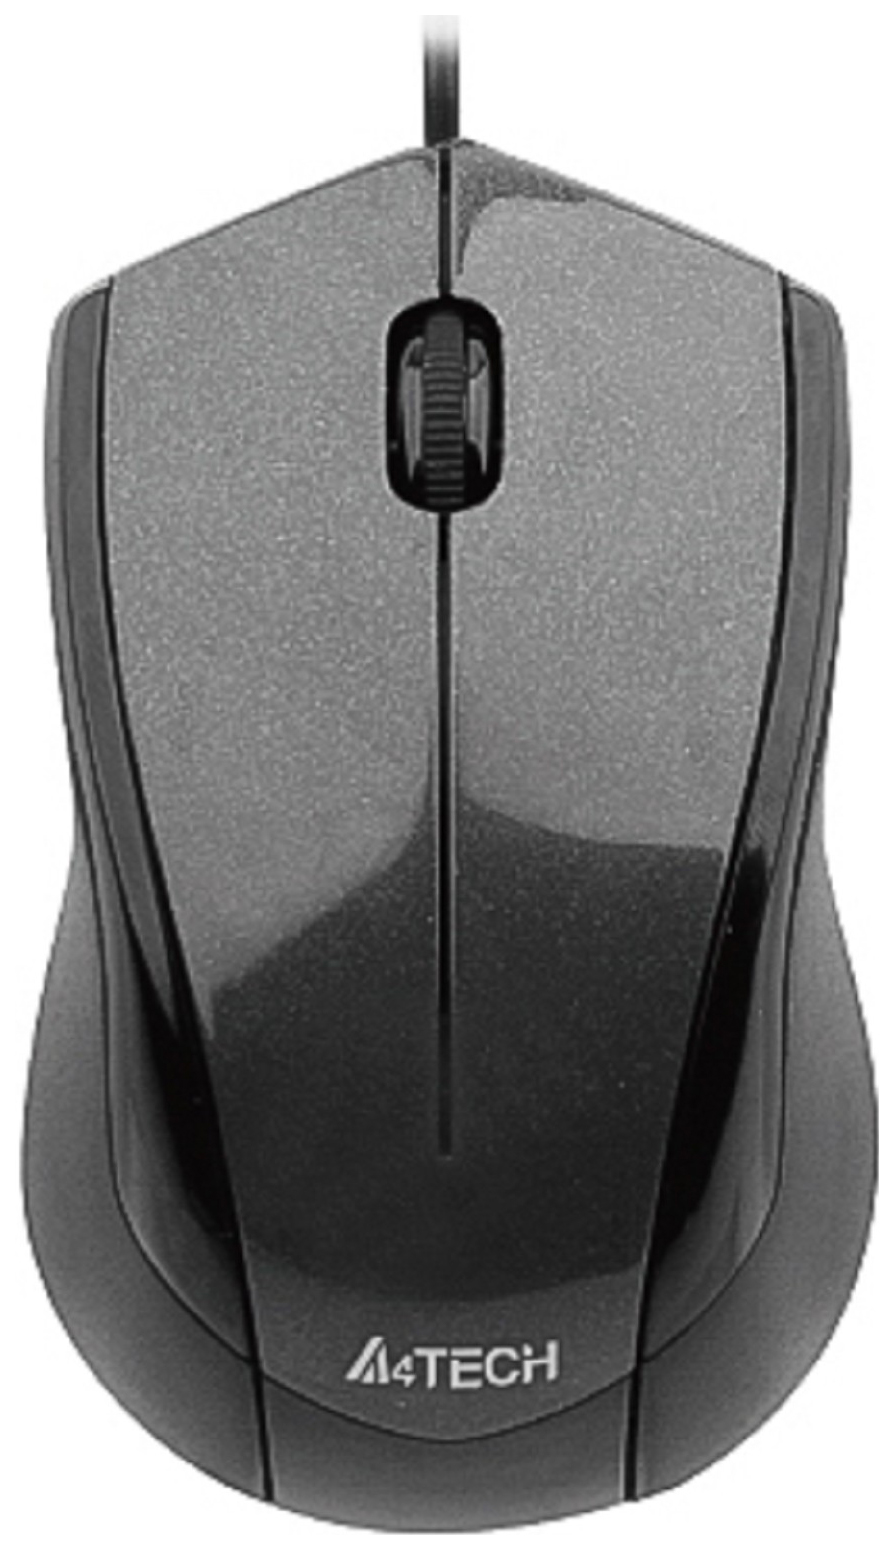 Проводная мышка A4Tech V-Track Padless N-400-1 Black